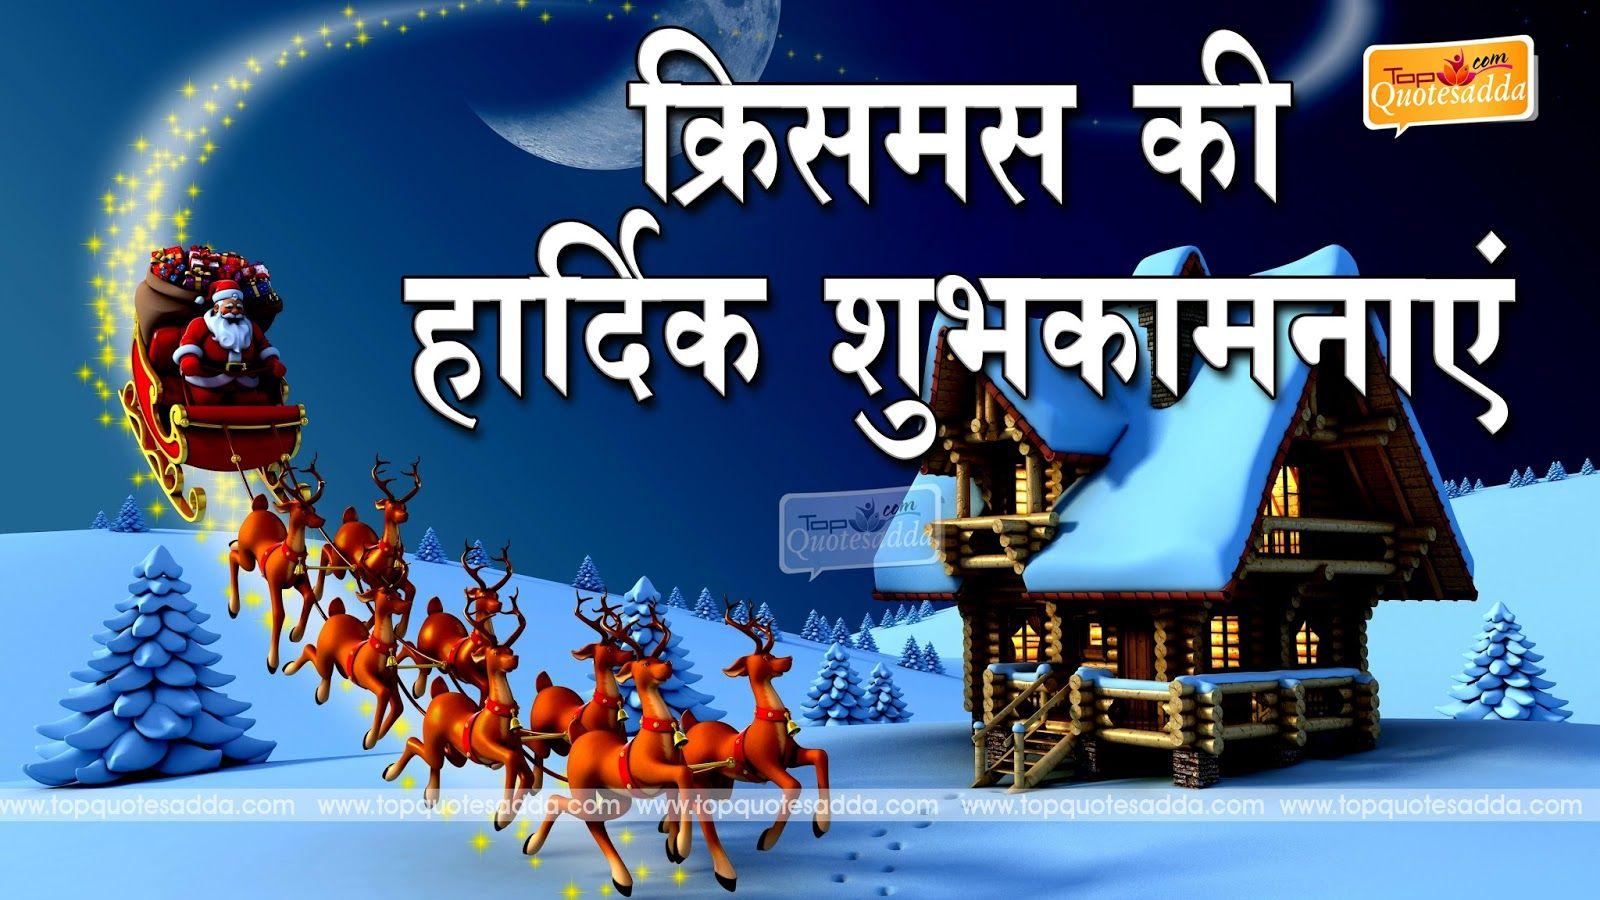 Topquotesadda Telugu Quotes Hindi Quotes Tamil Bengali Quotes Happy Christmas Hindi Gree Christmas Quotes For Friends Happy Christmas Greetings Images